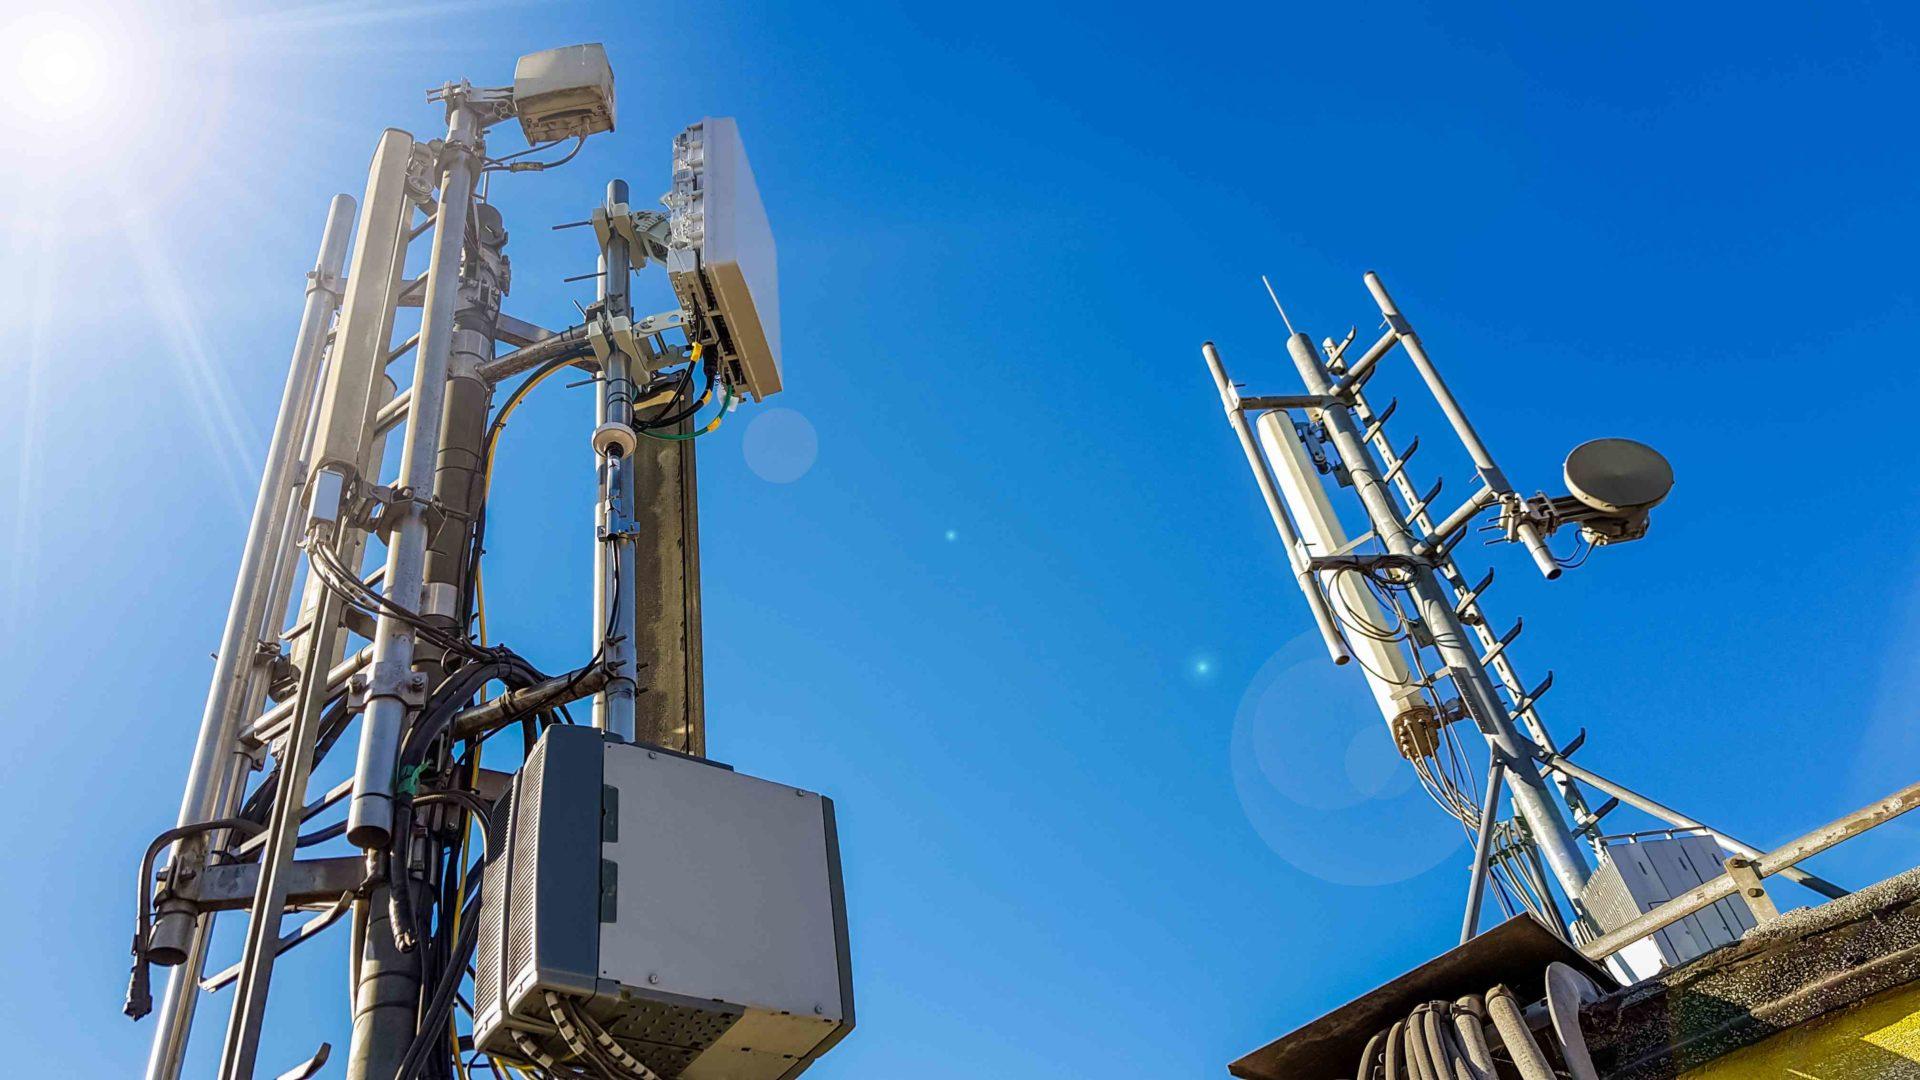 Затраты на развитие 5G в РФ могут превысить 1 трлн рублей